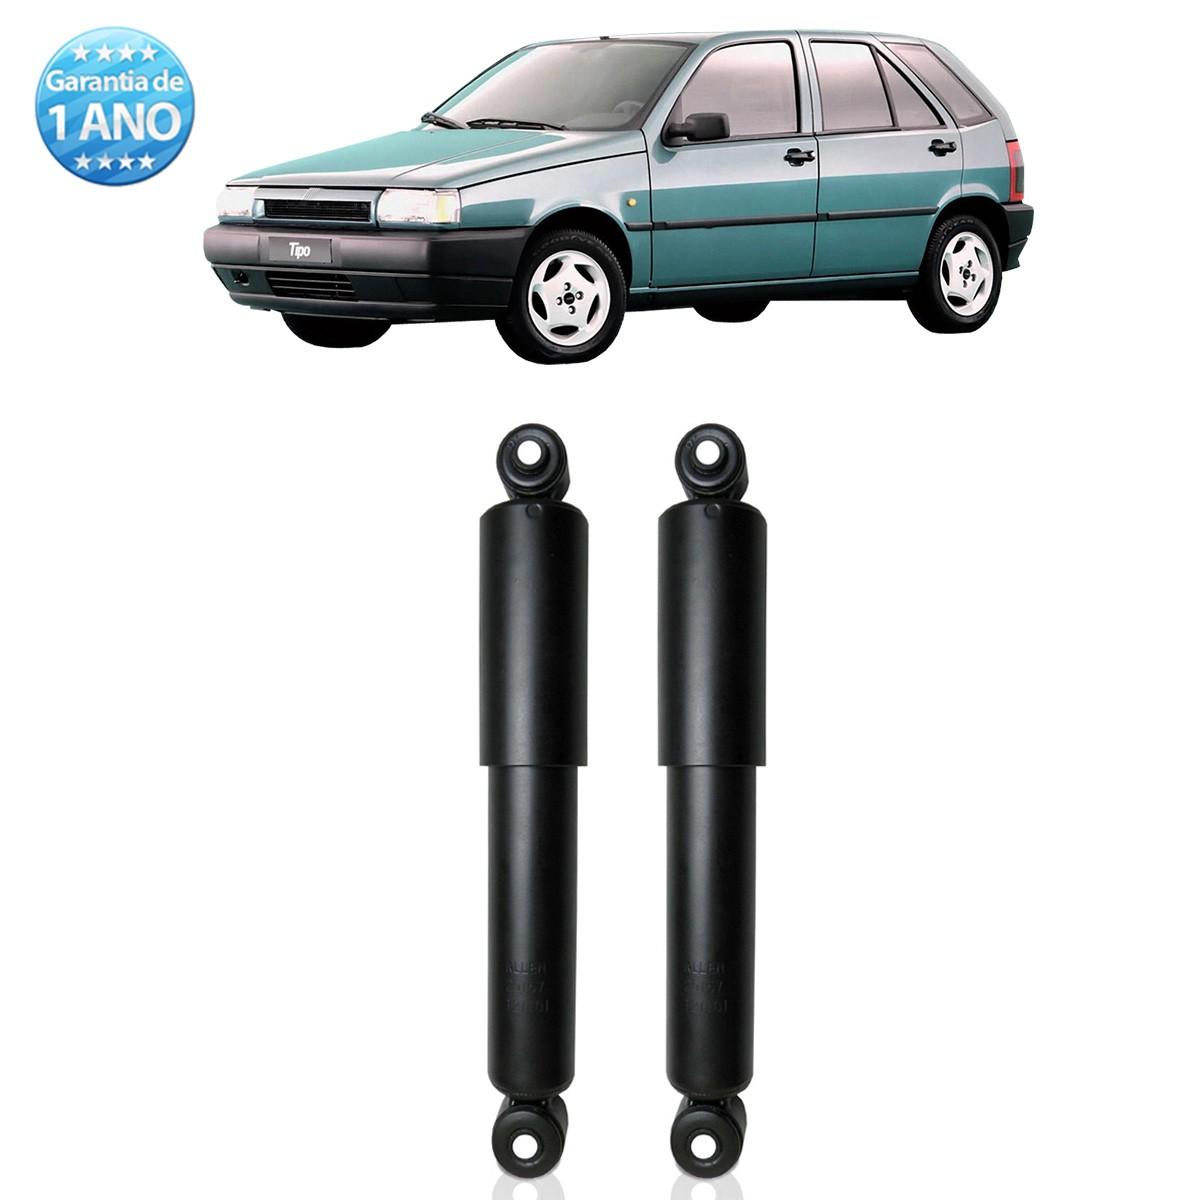 Par de Amortecedores Traseiro Remanufaturados Fiat Tipo 1993 Até 1997